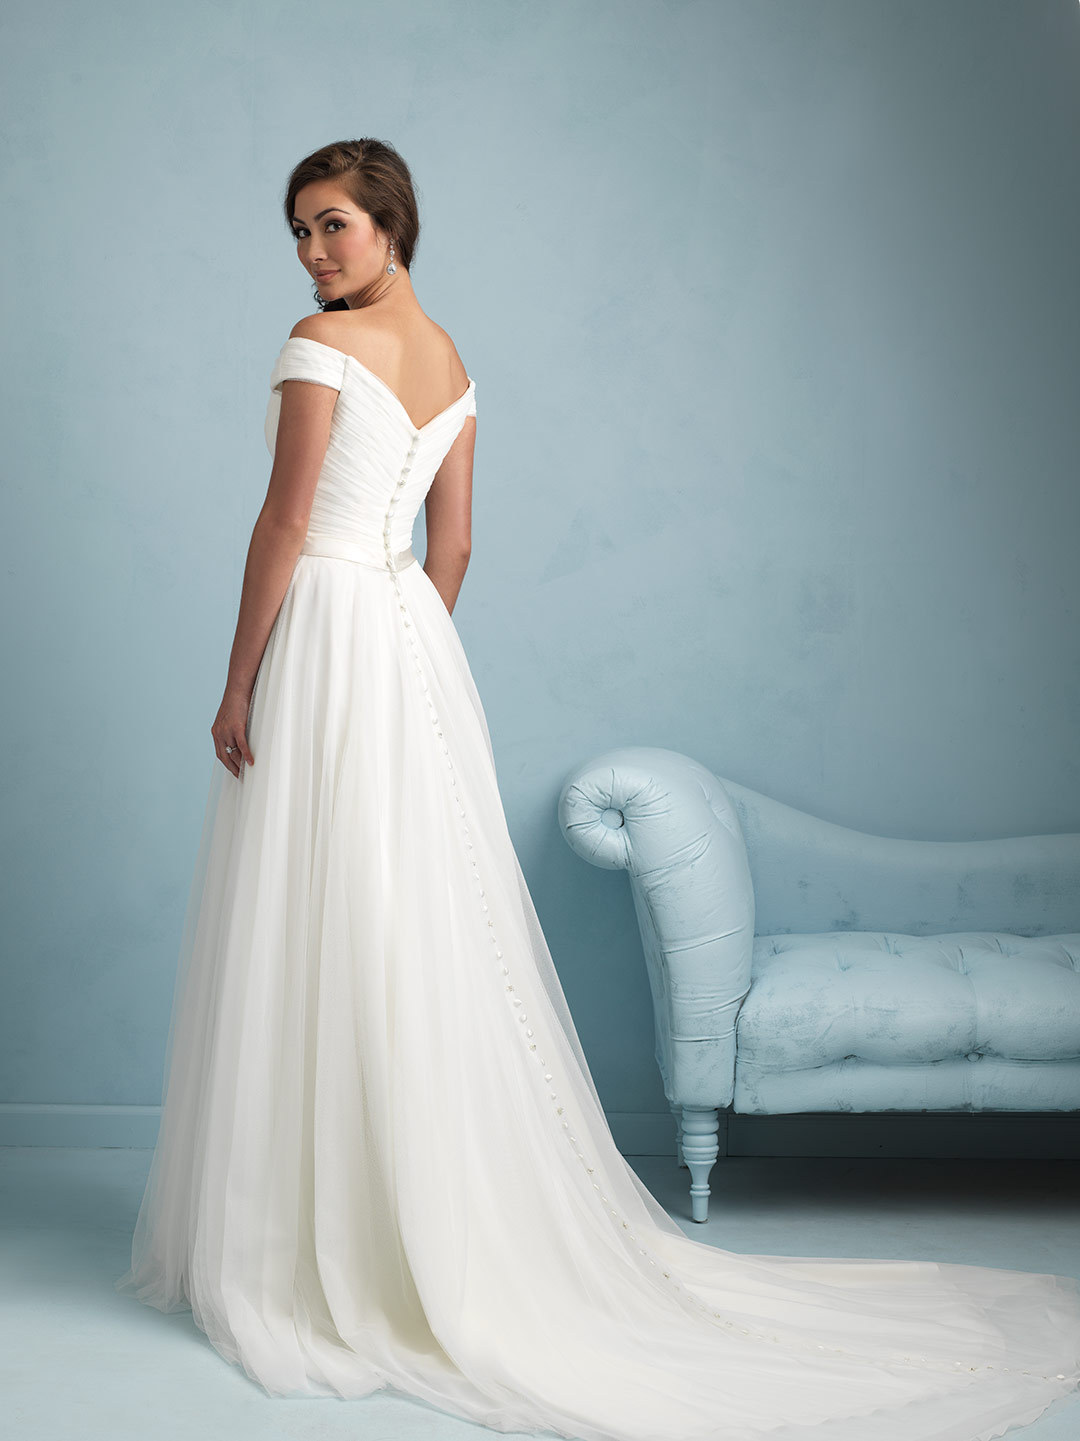 White Beach Wedding dress f Shoulder Chiffon Bridal